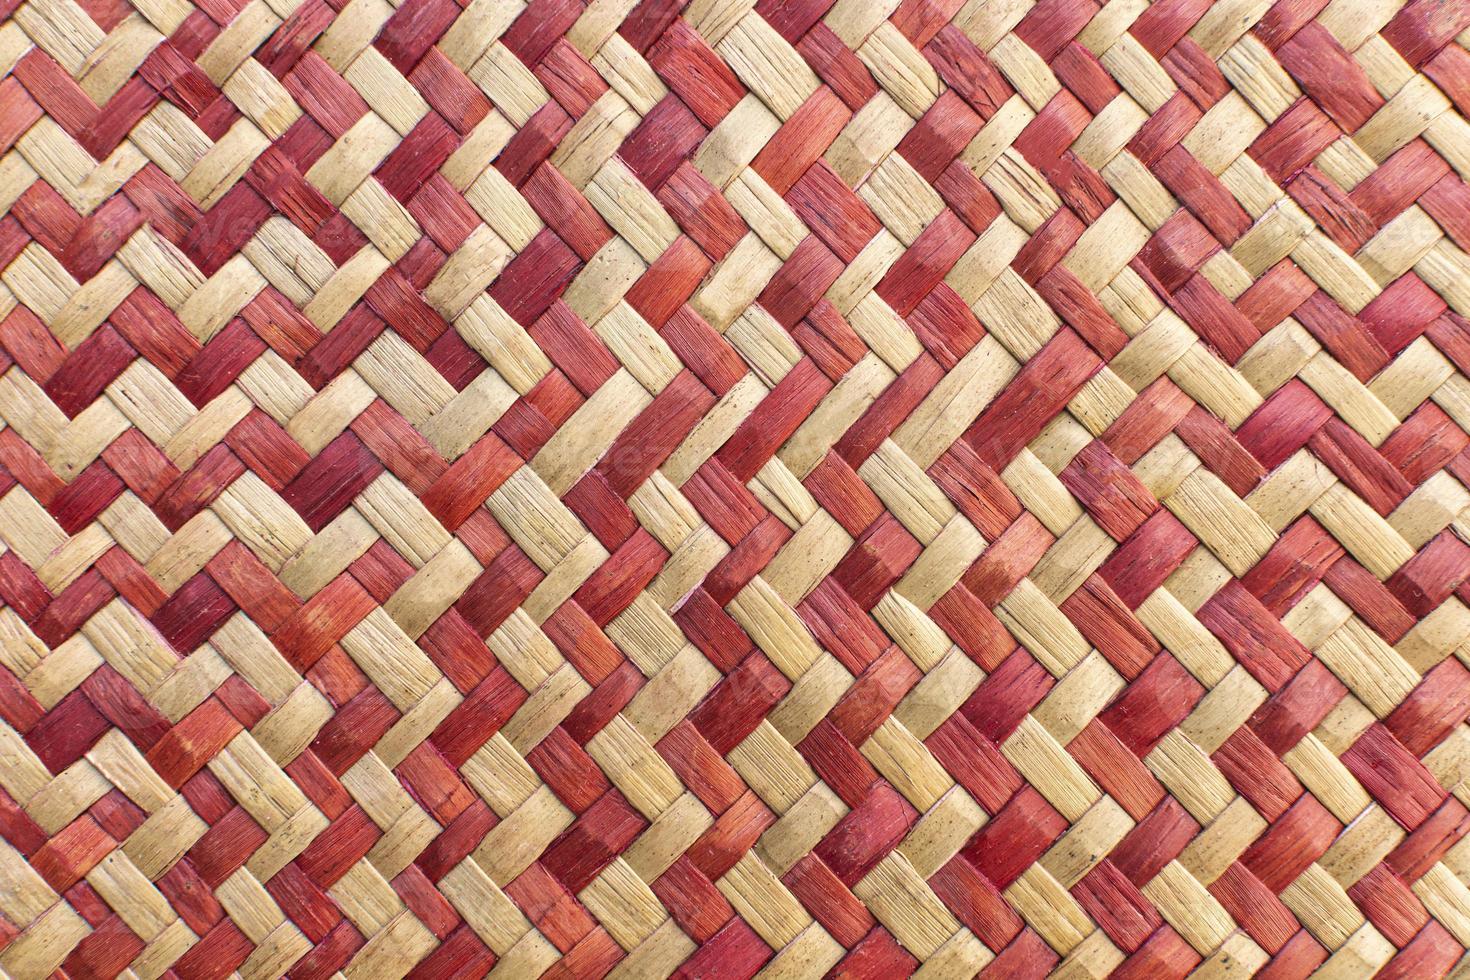 vista superior de un patrón de tejido foto